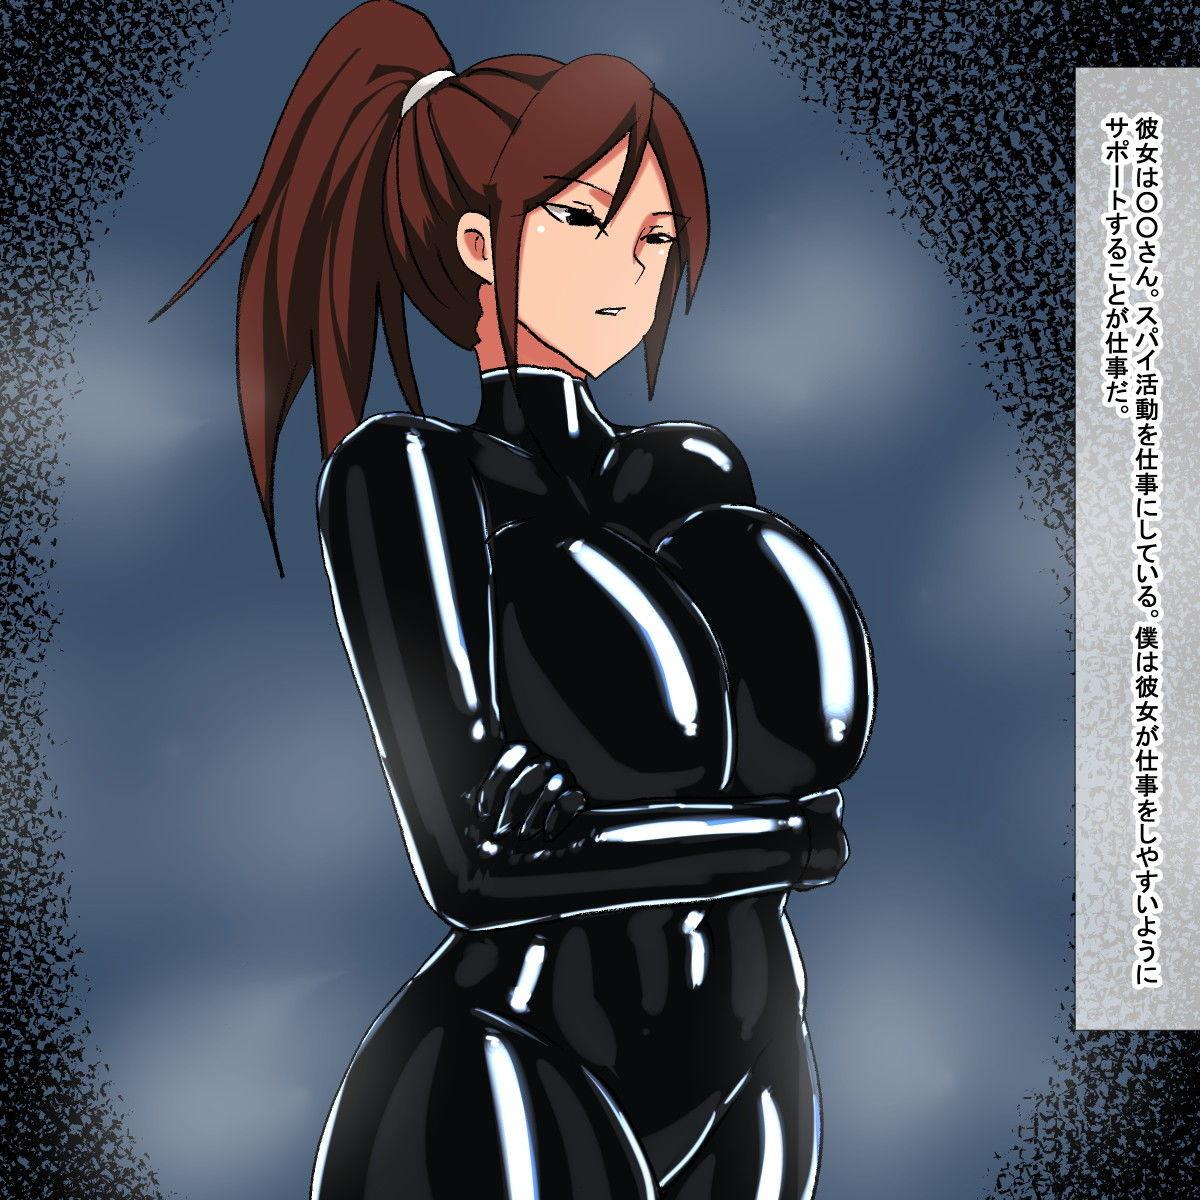 mo ラバースーツ女スパイ逆レ●プのサンプル画像2